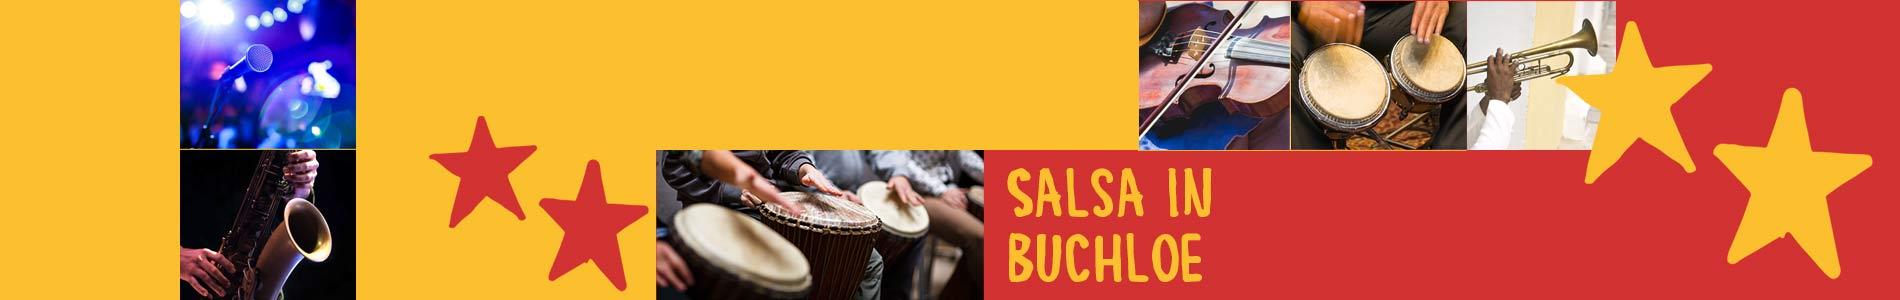 Salsa in Buchloe – Salsa lernen und tanzen, Tanzkurse, Partys, Veranstaltungen